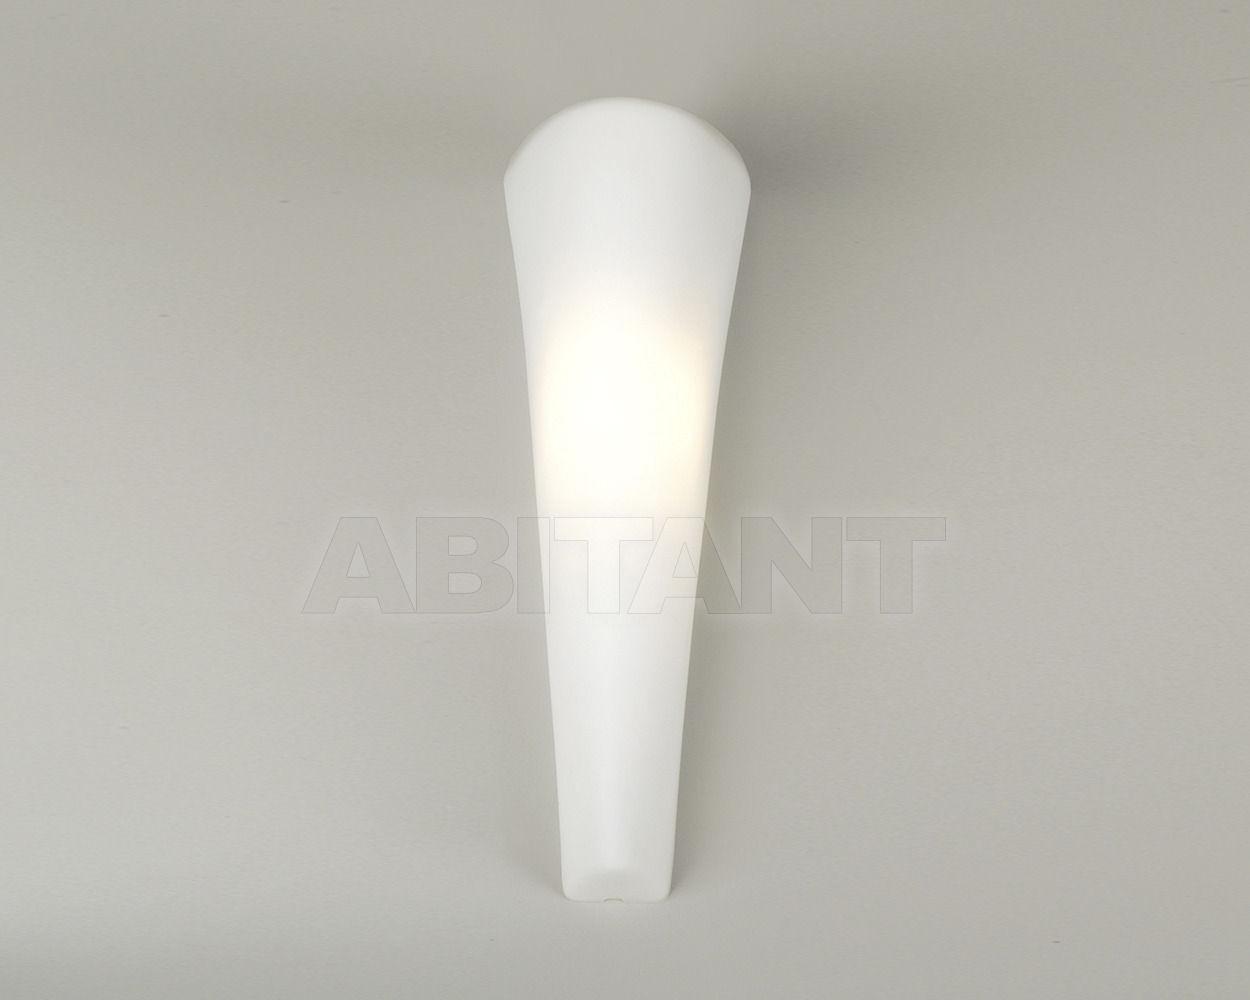 Купить Светильник настенный Linea Verdace 2012 LV 31012